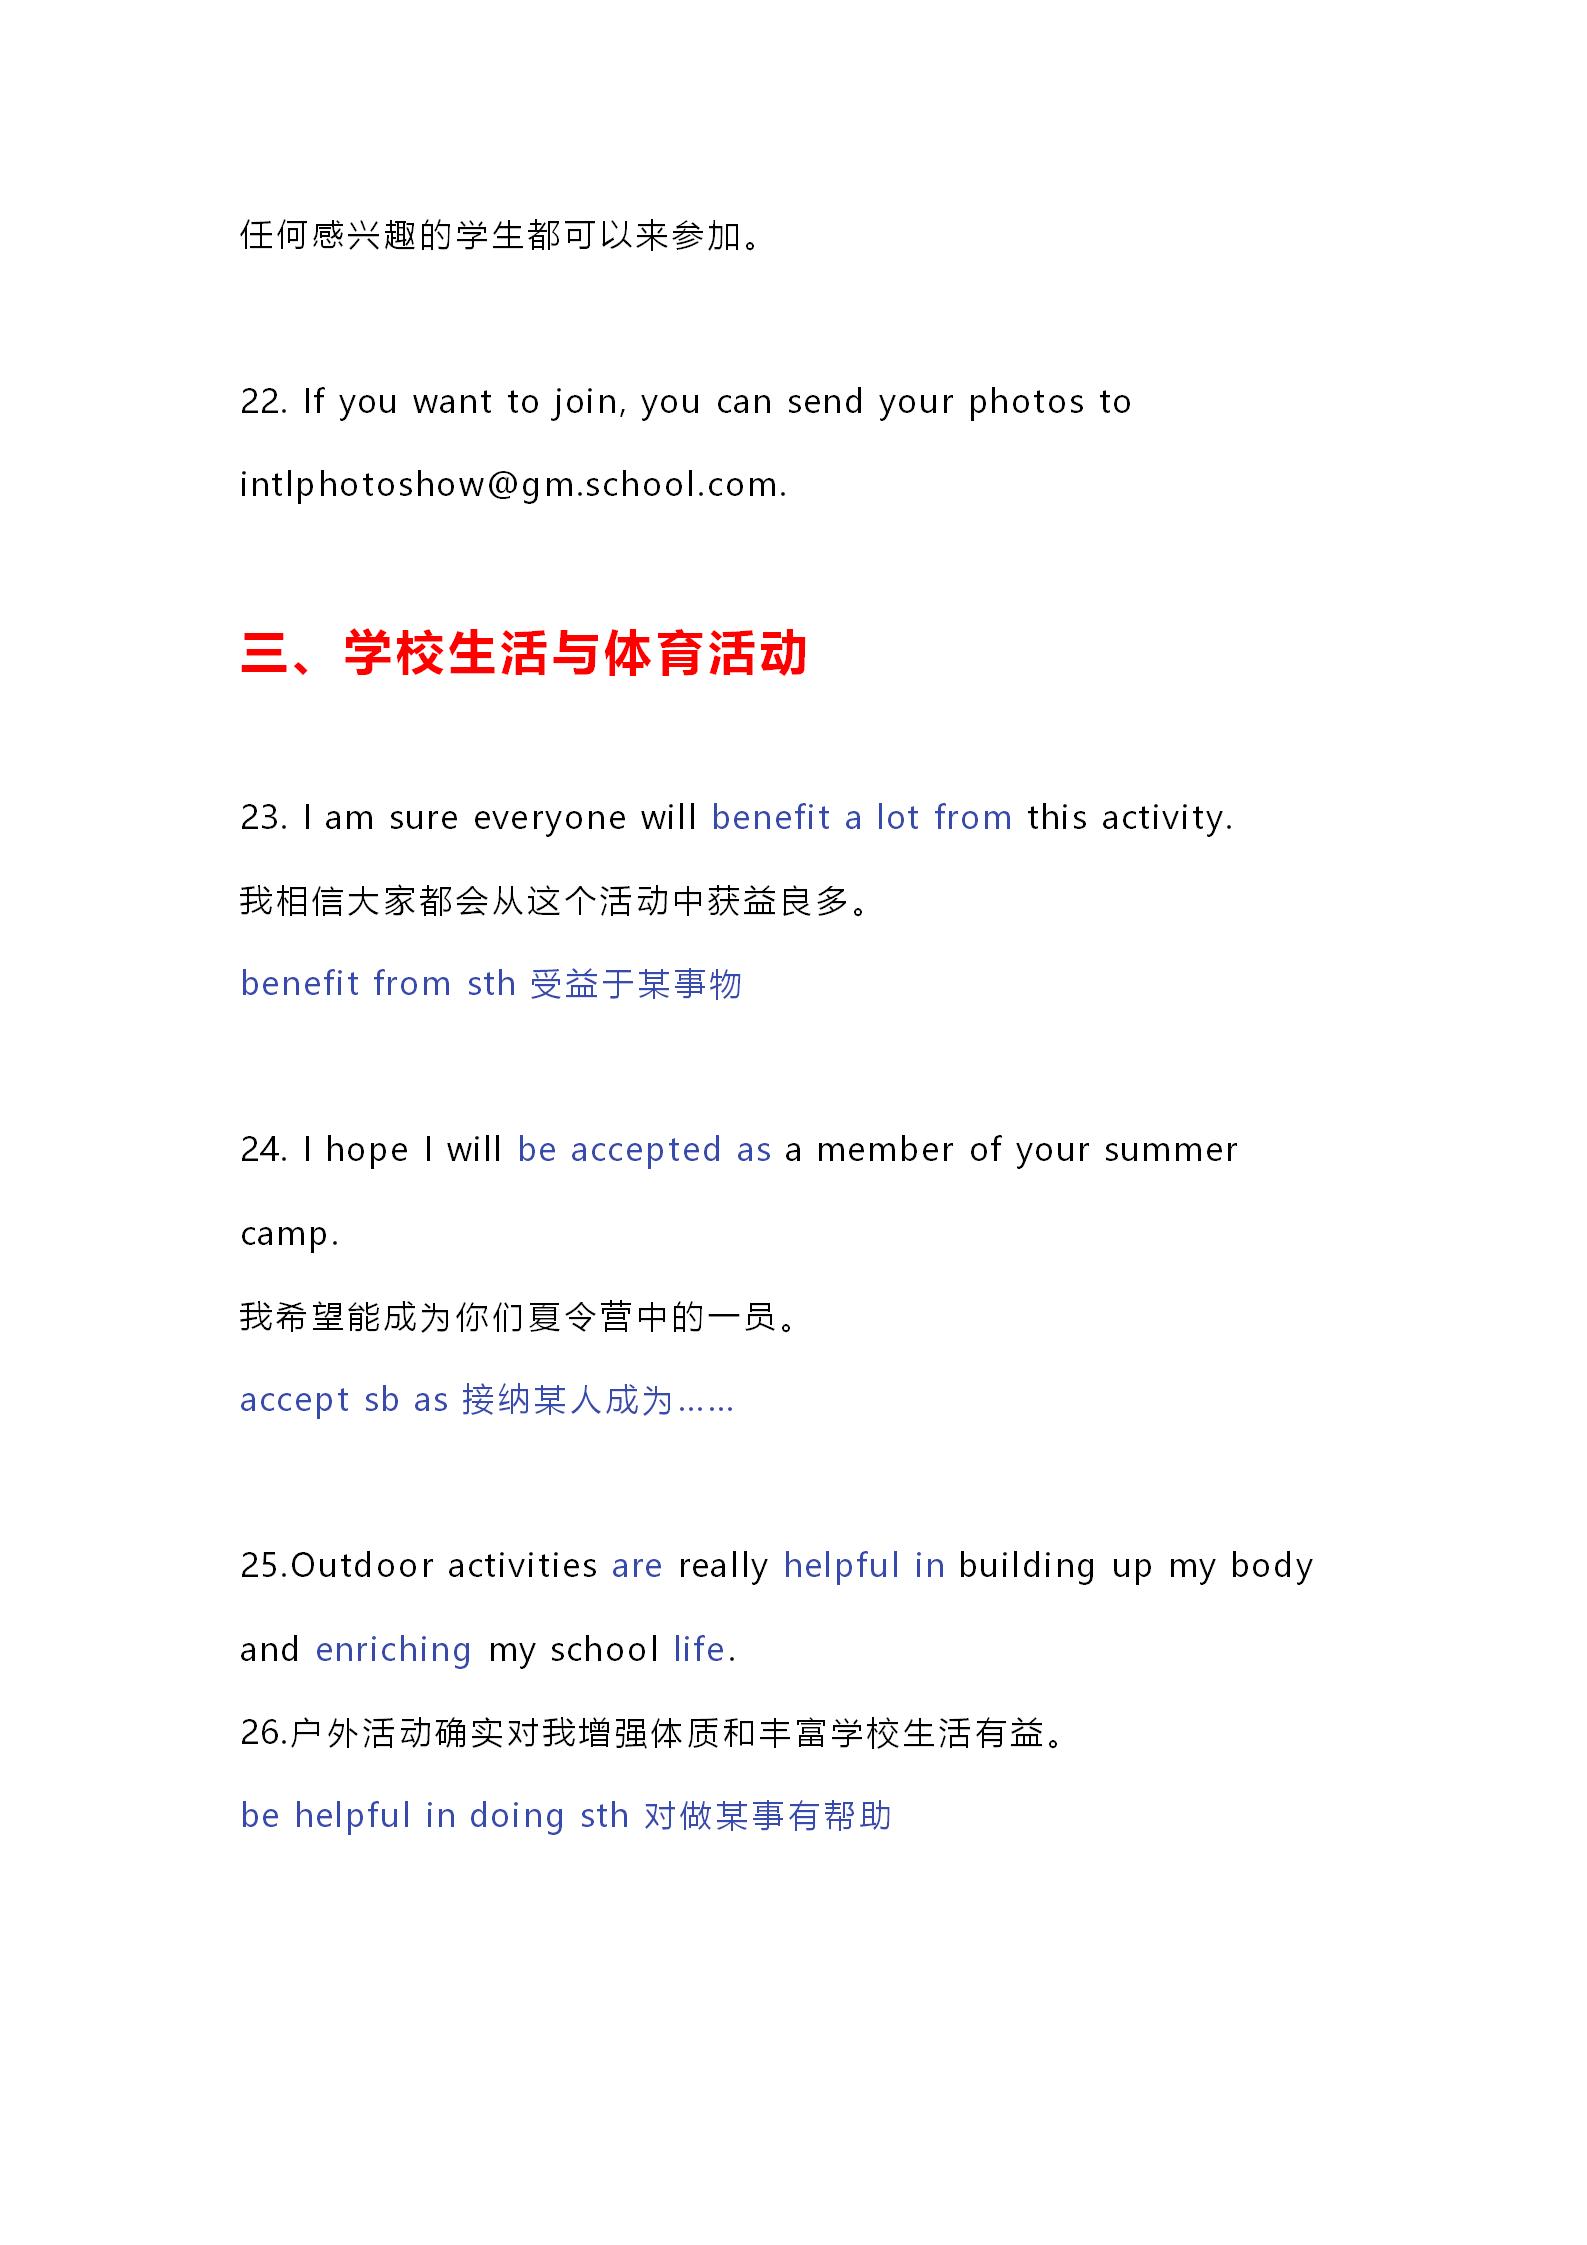 100个高考英语作文金句_06.png